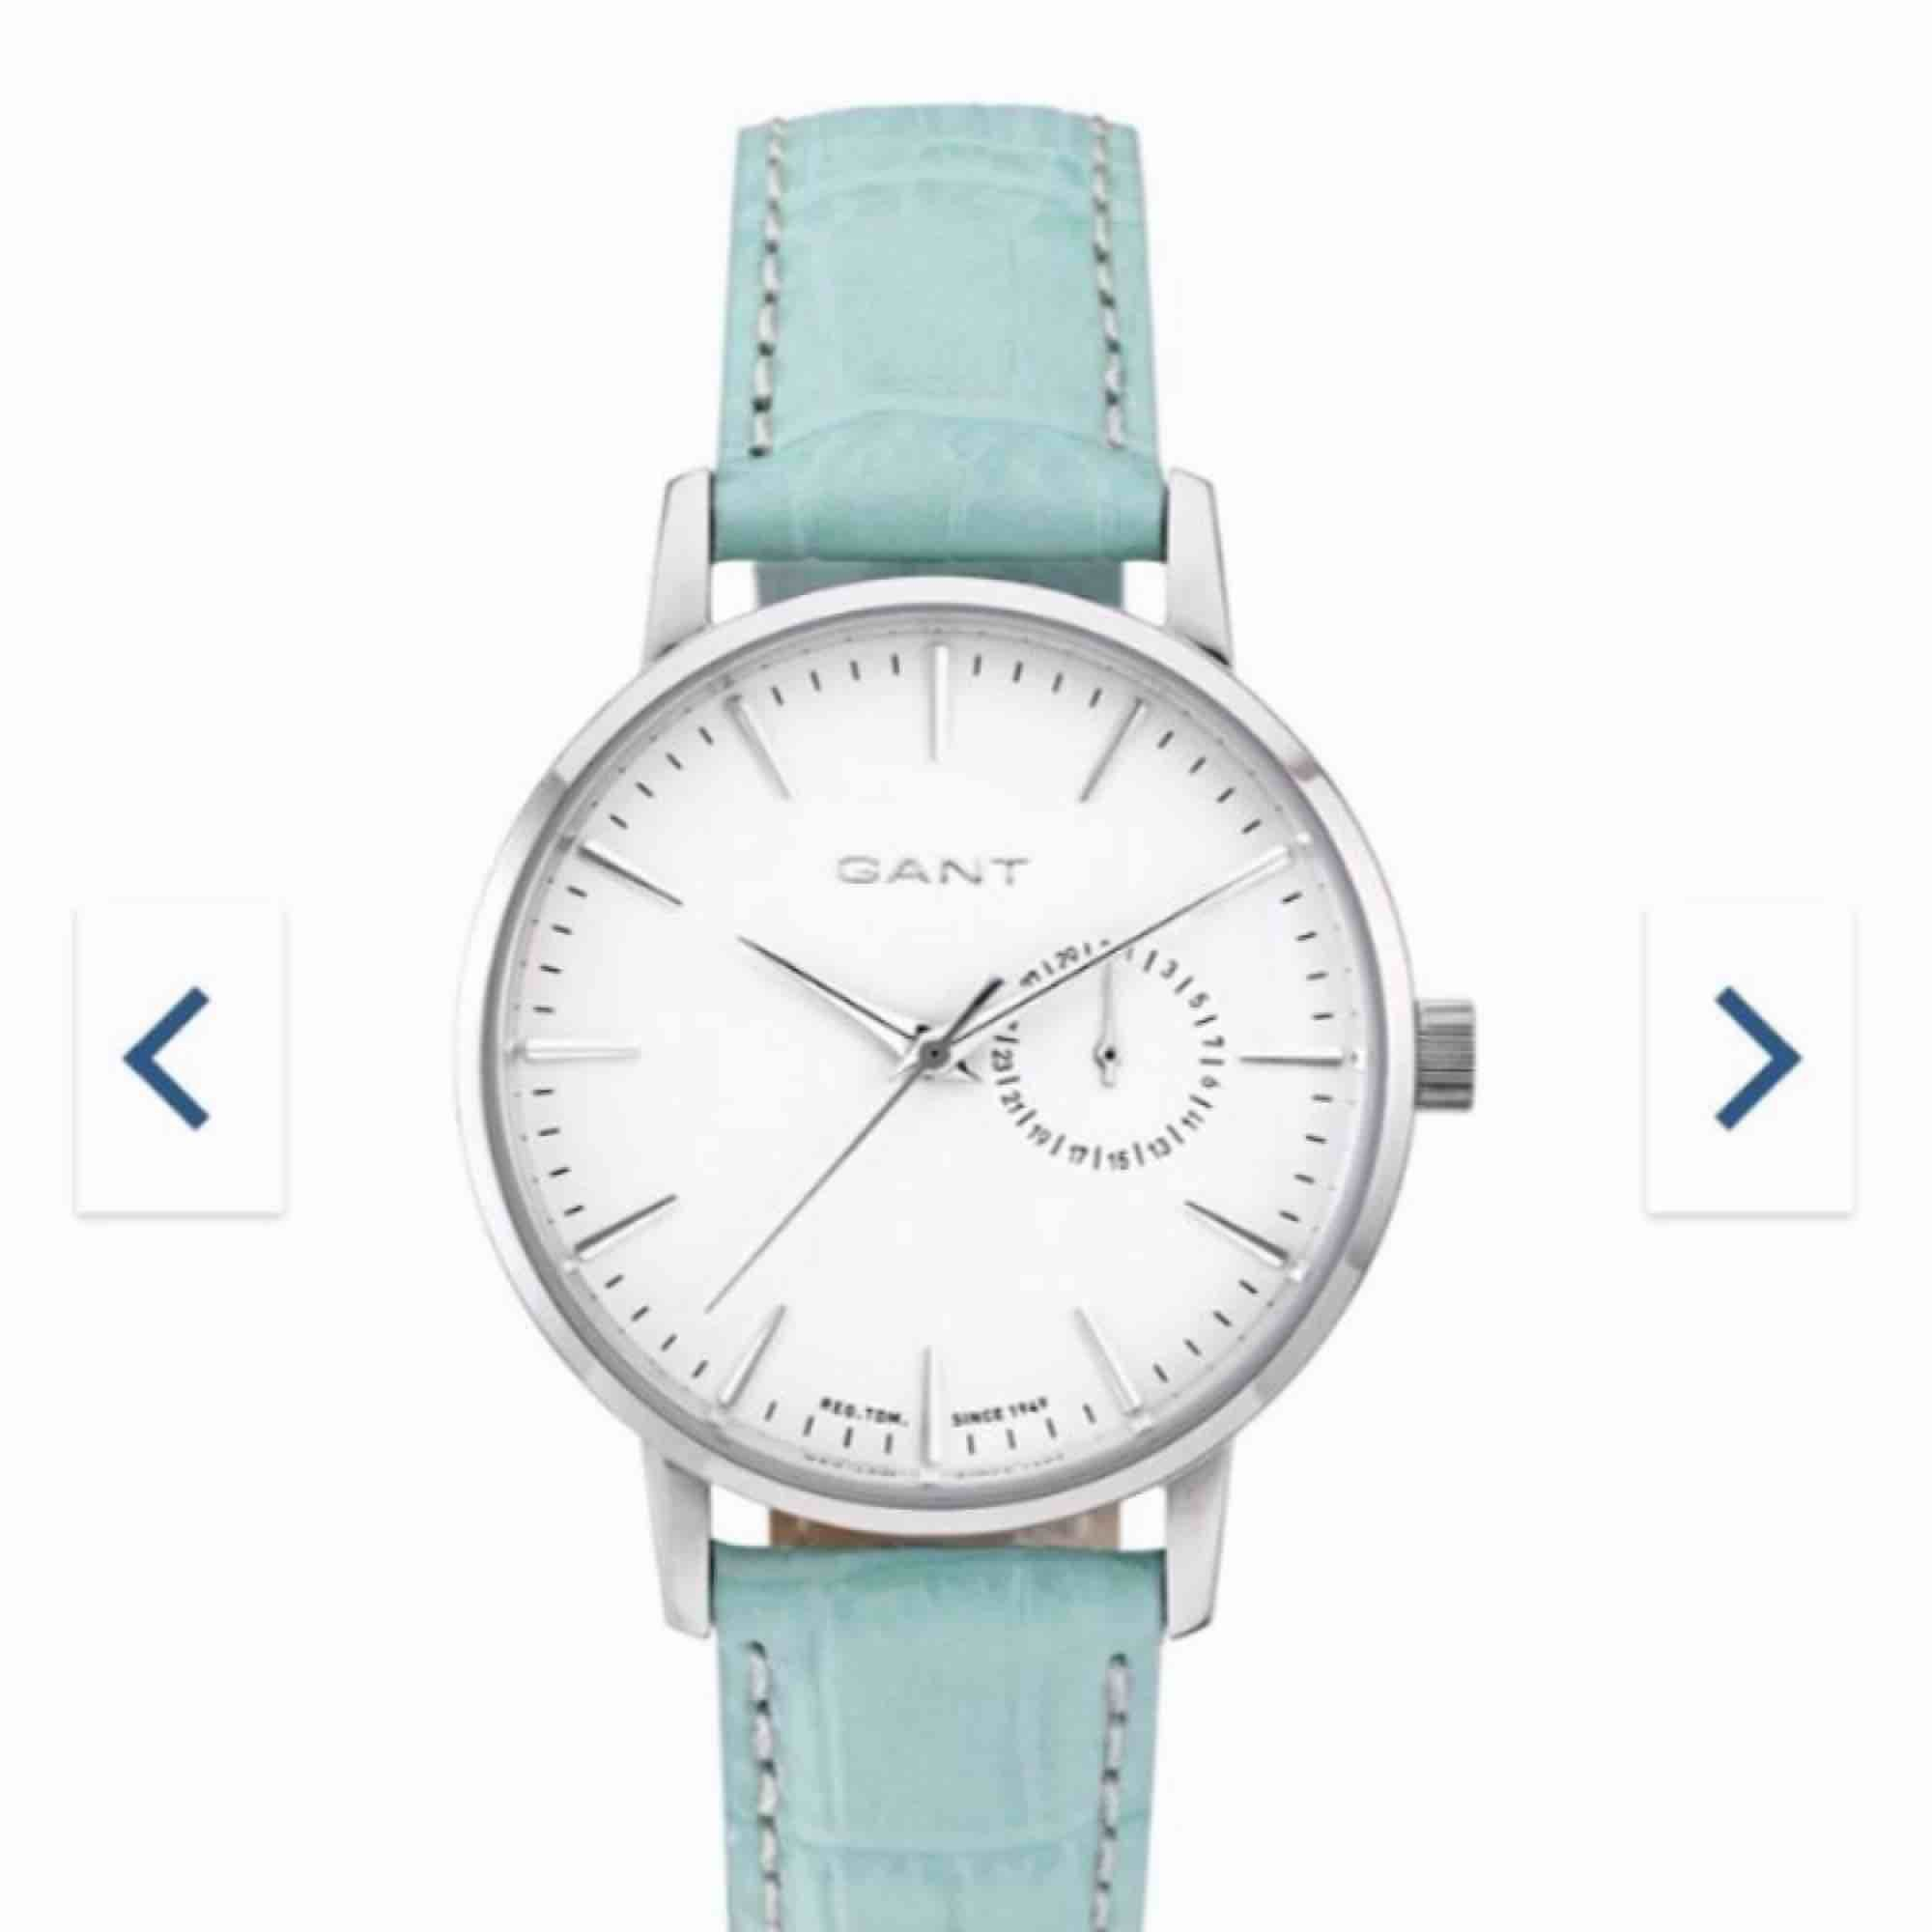 Helt oanvänd klocka från gant Passar perfekt till hösten nu när det är inne med att matcha färger Fungerar helt frifritt . Accessoarer.